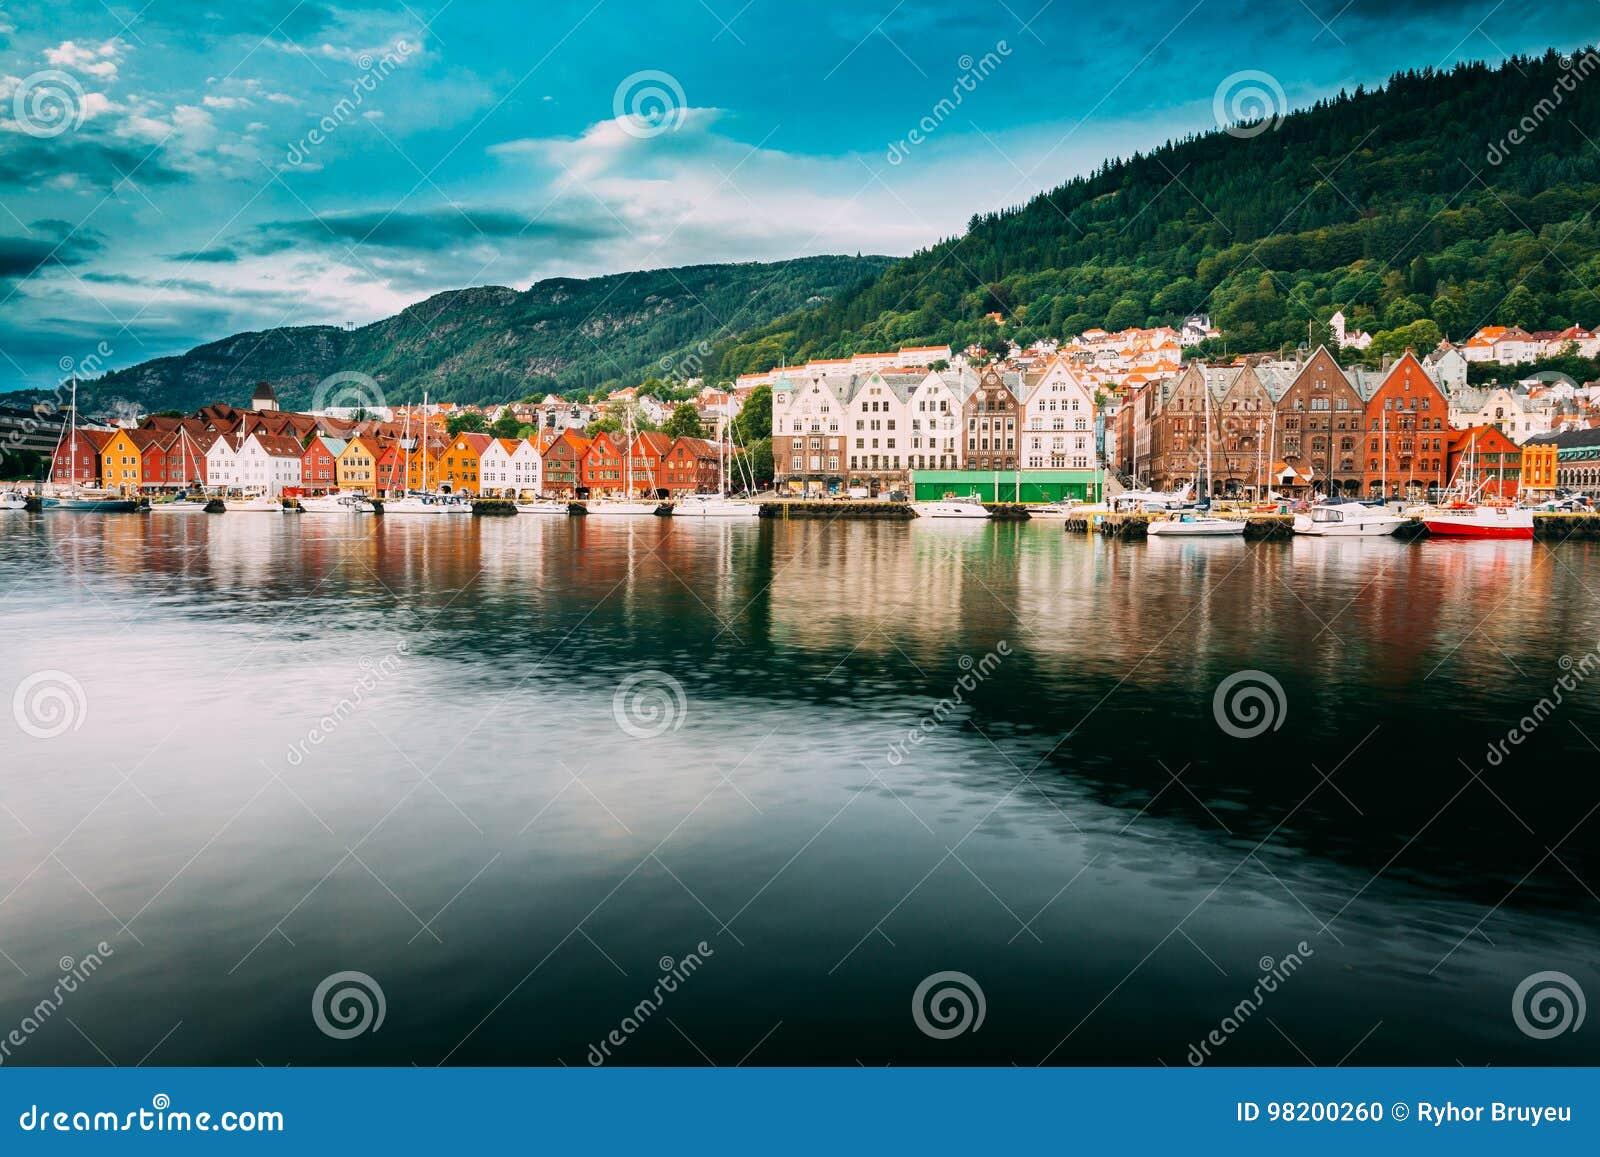 Download Bergen Норвегия Взгляд исторических домов зданий в Bryggen - Hanseatic причале в Бергене, Норвегии ЮНЕСКО Стоковое Фото - изображение насчитывающей европа, город: 98200260